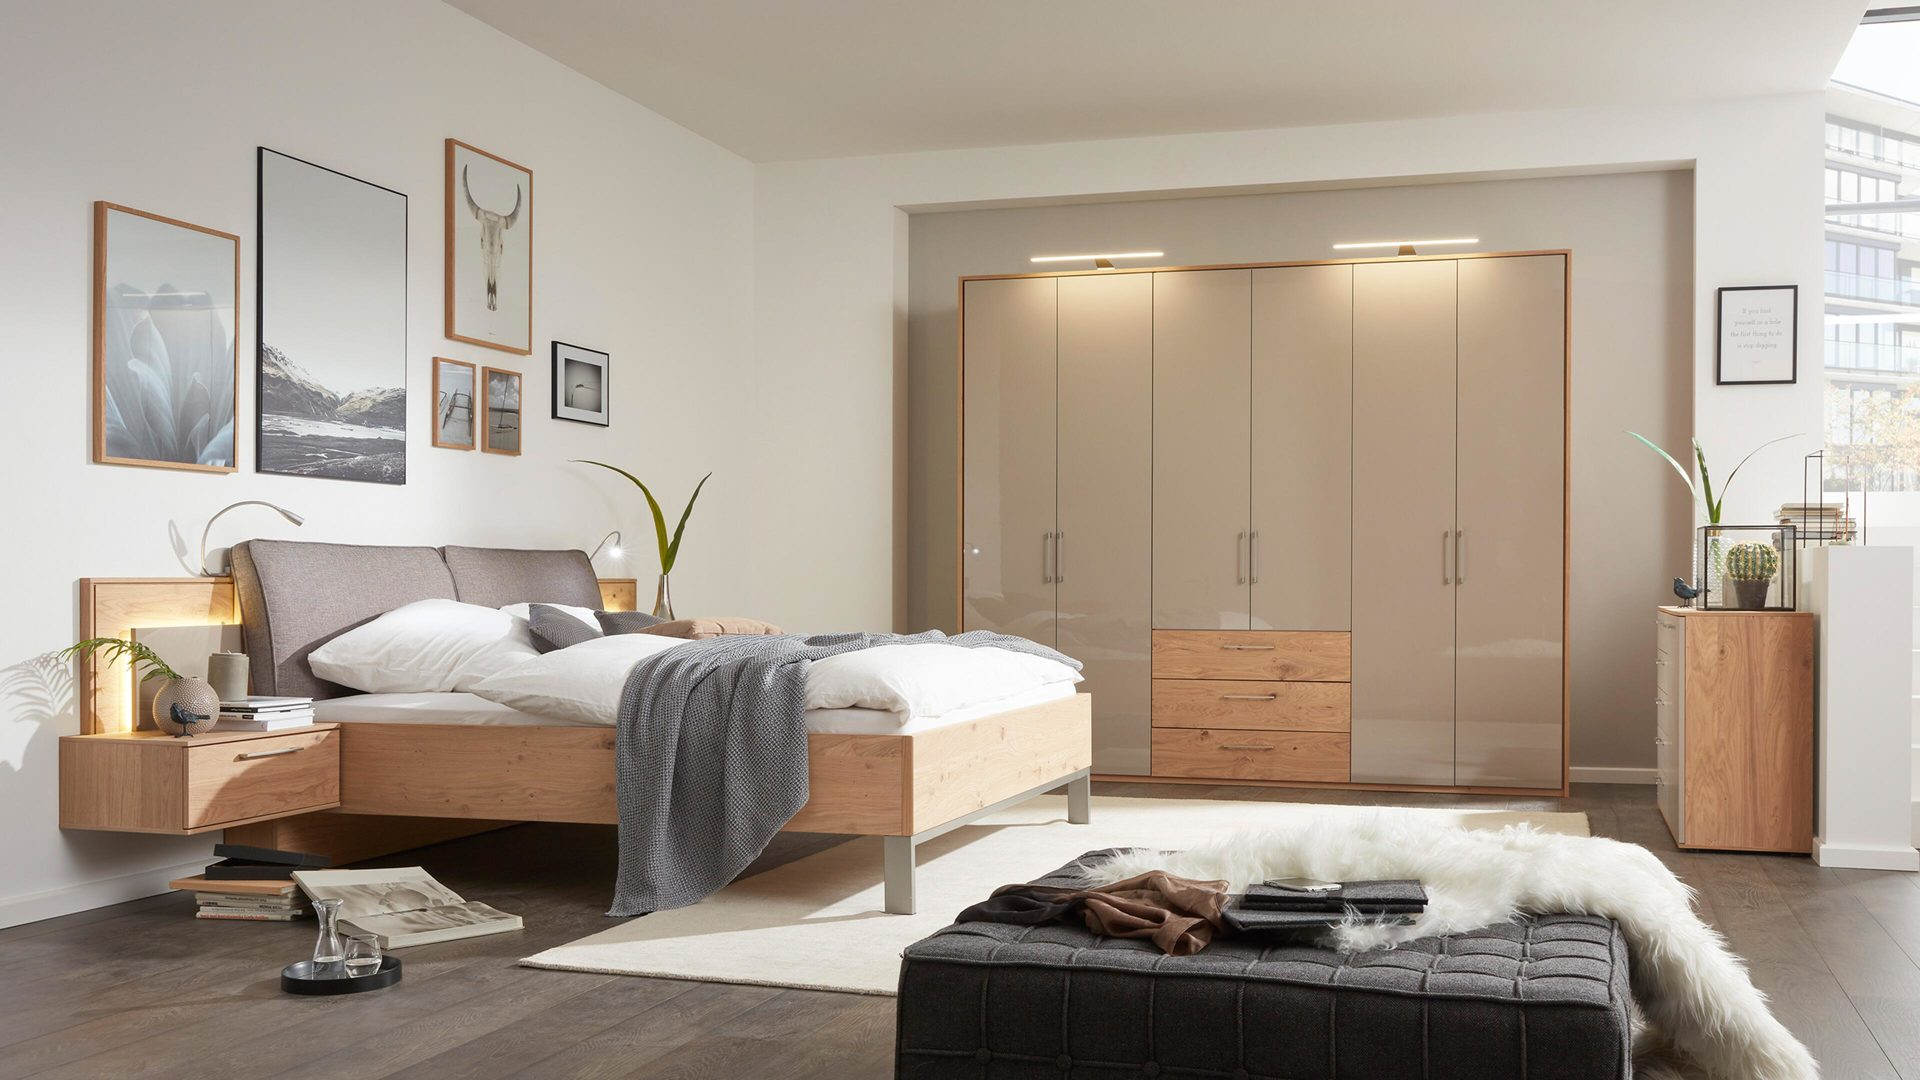 Interliving Schlafzimmer Serie 1008 – Kleiderschrank, taupefarbene,